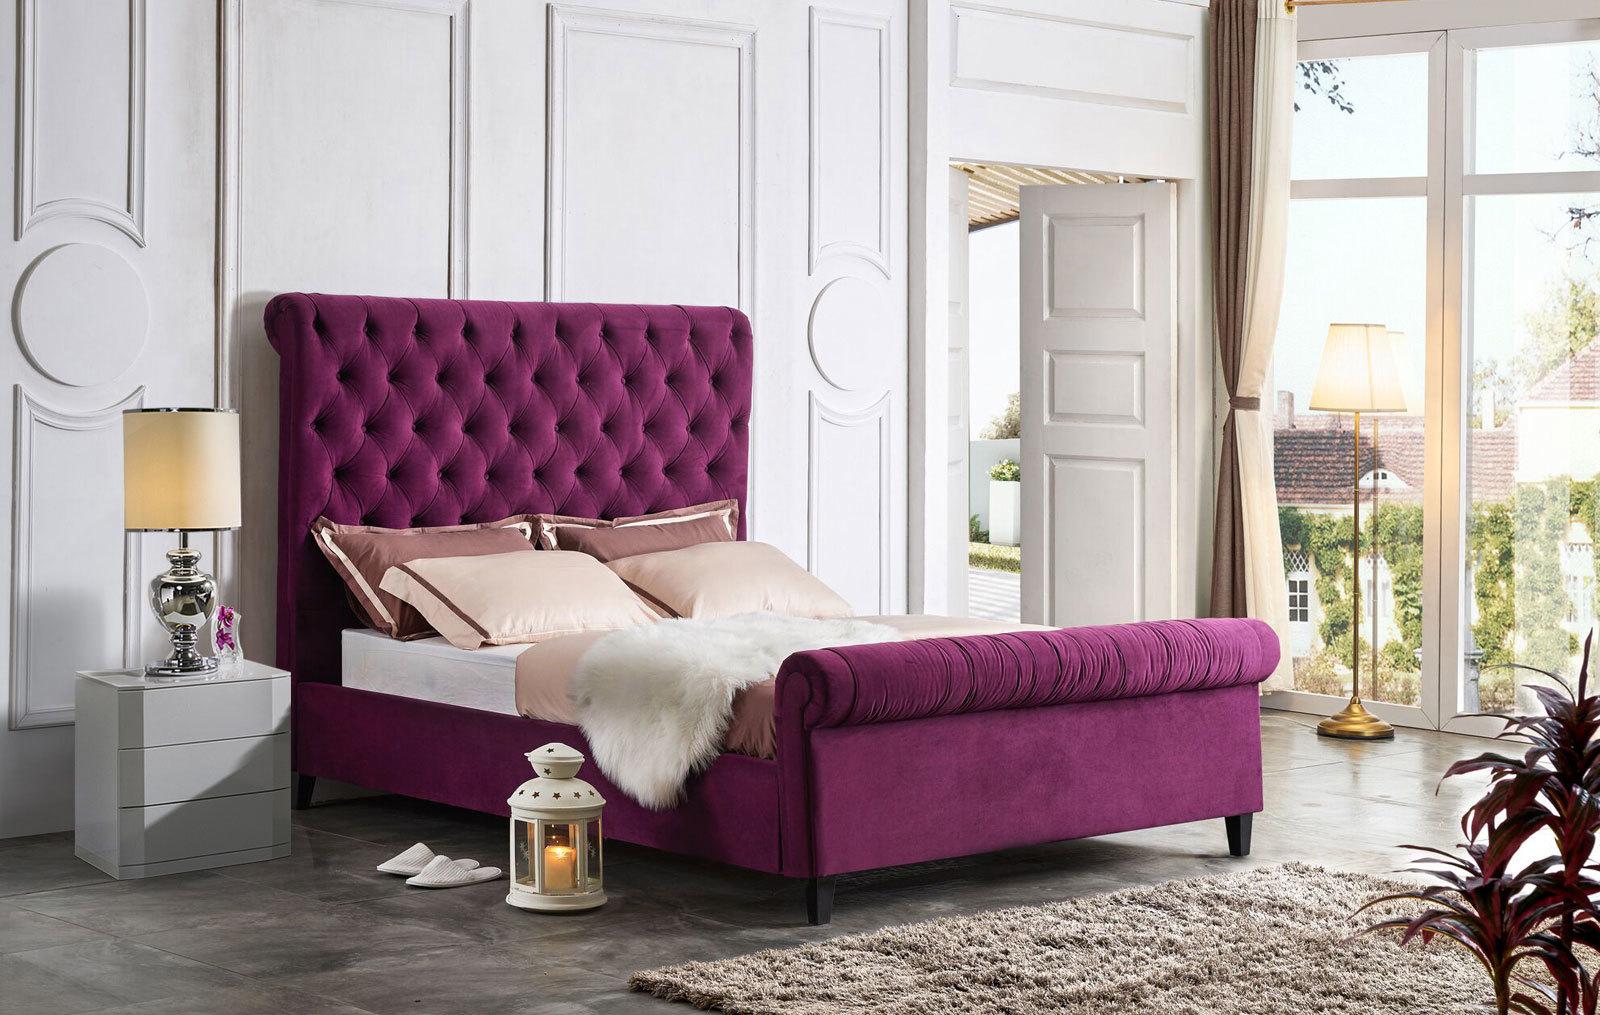 Кровать ESF IR-0822 пурпурная и тумбы прикроватные DUPEN (Дюпен) М-112 белые